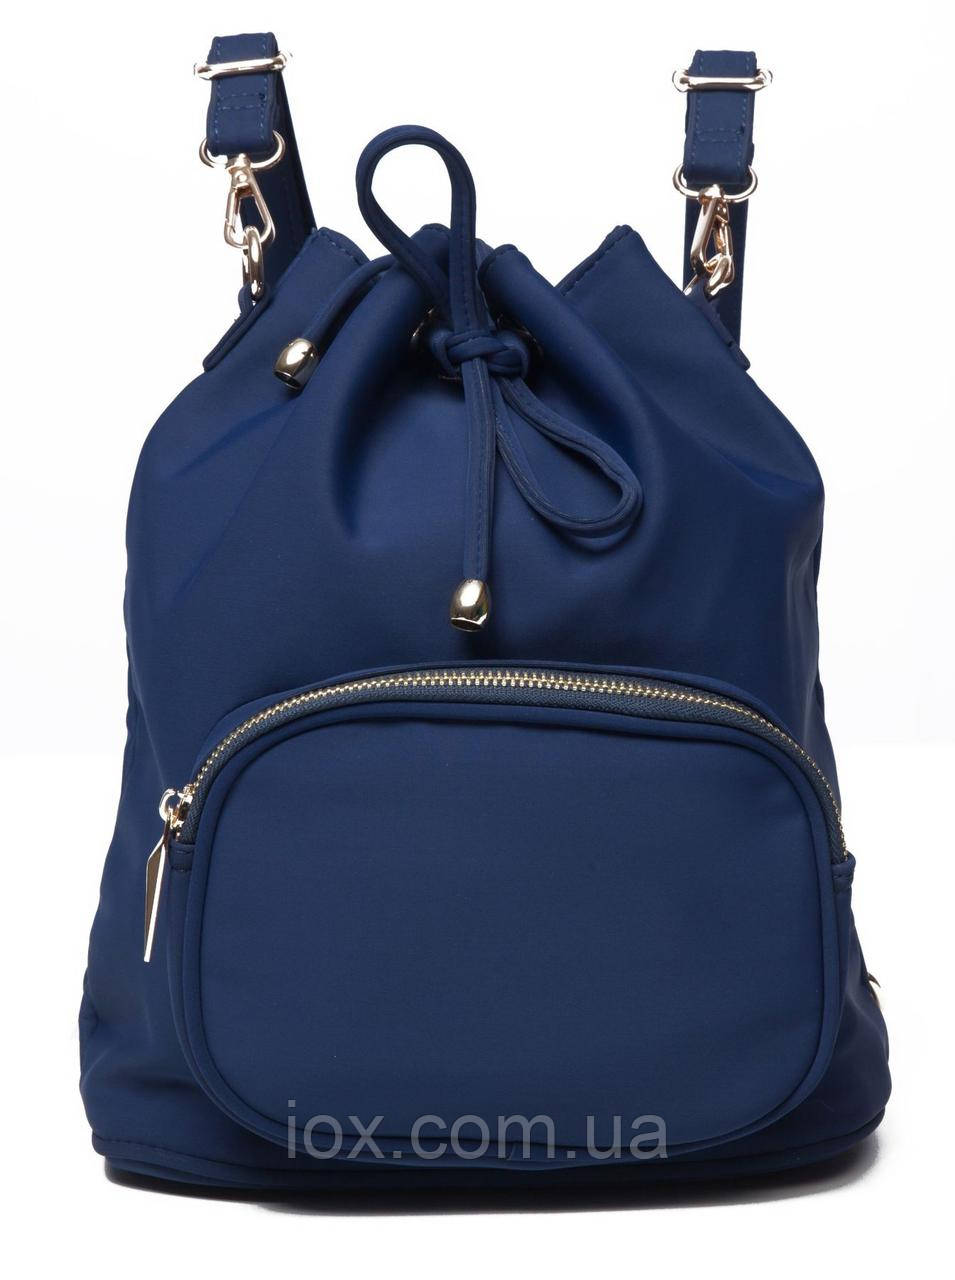 Рюкзак женский нейлоновый Vintage 14806 Cиний, Синий